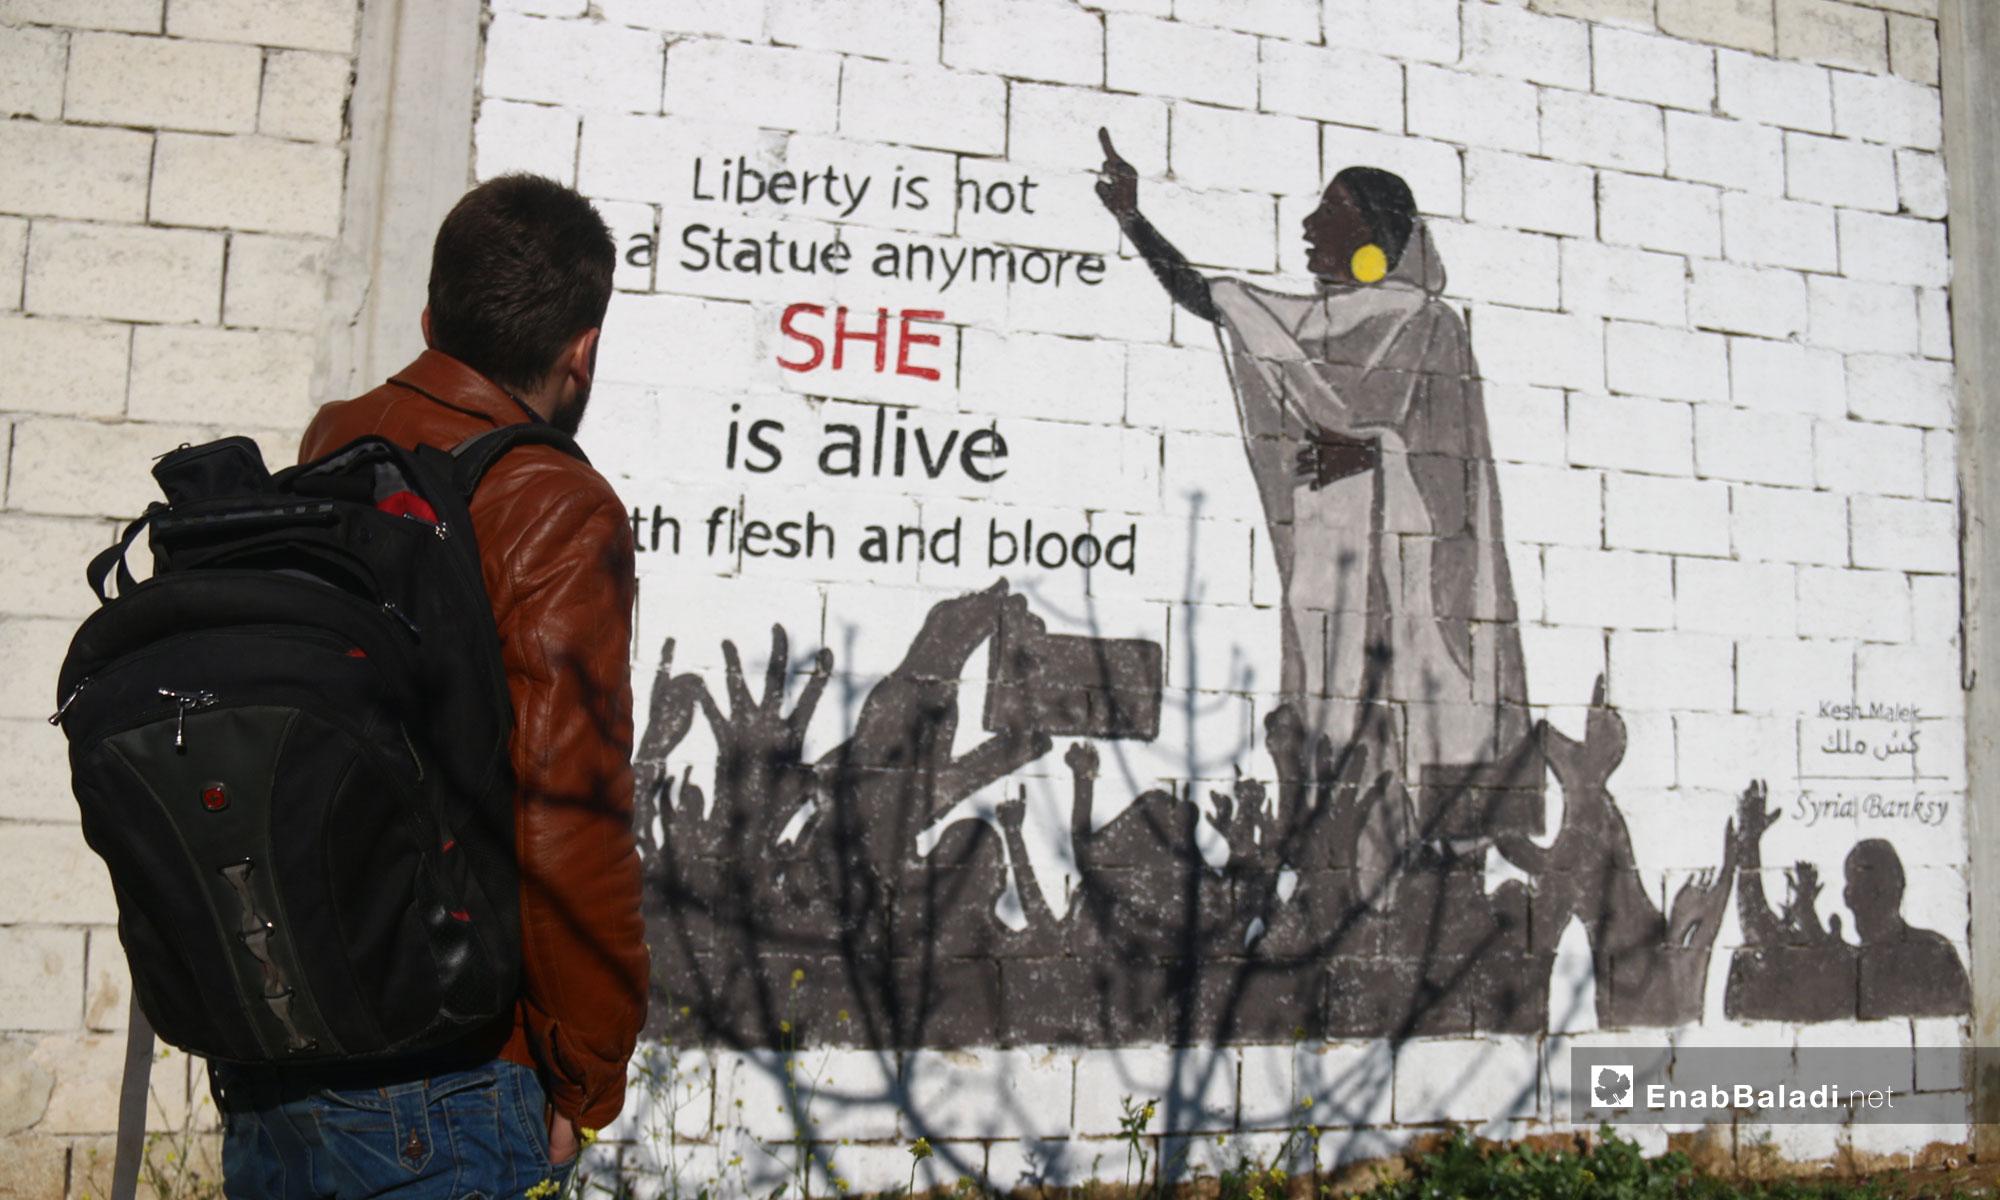 رسمة جدارية جنوبي إدلب تمثل المرأة في الثورة السودانية - 11 من نيسان 2019 (عنب بلدي)